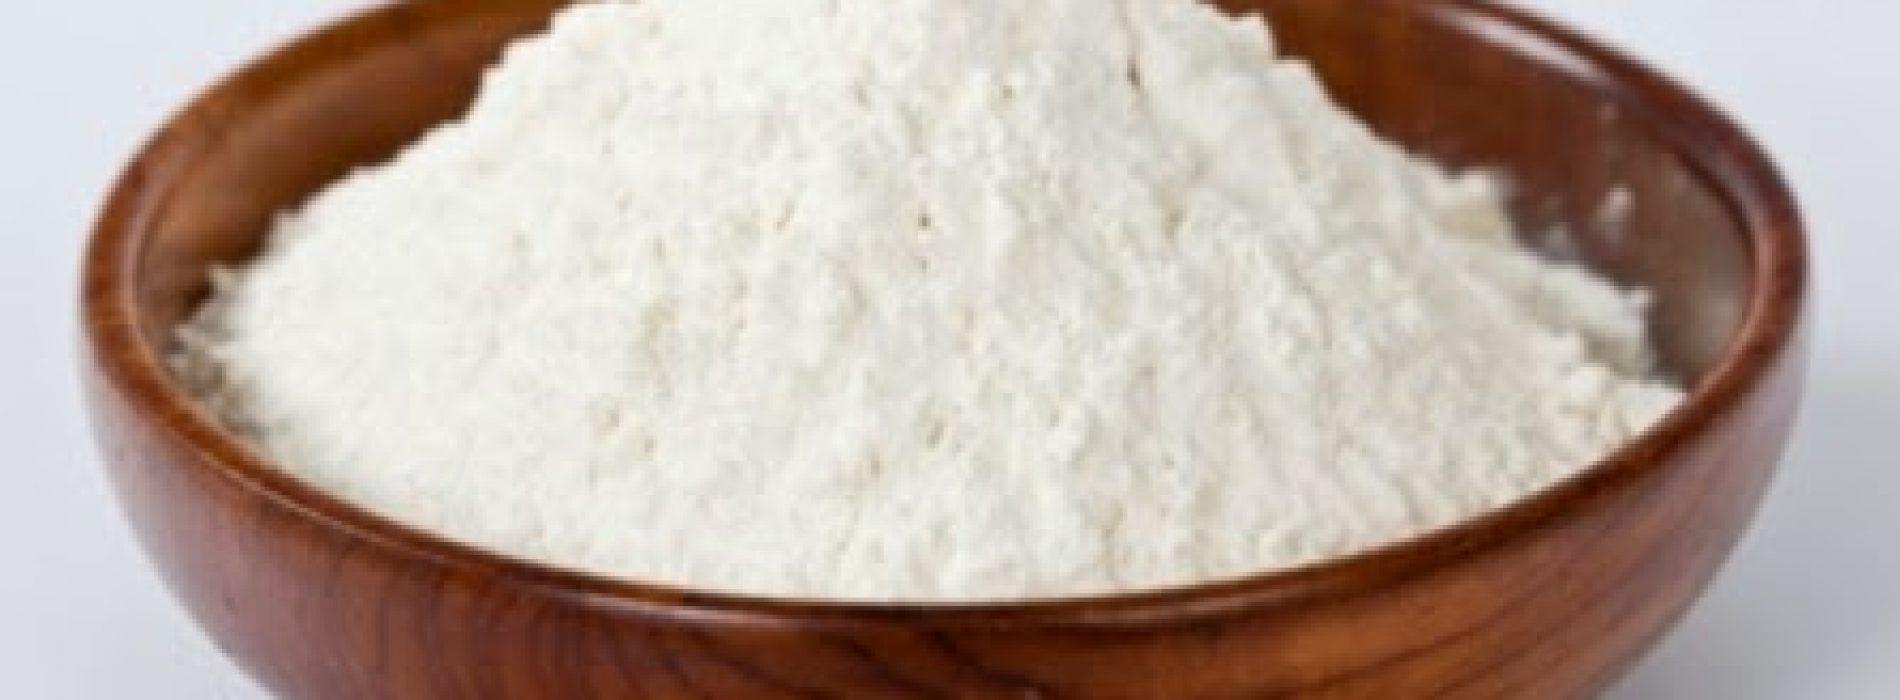 3 Manieren om Baking Soda(zuiveringszout) te drinken voor een betere gezondheid